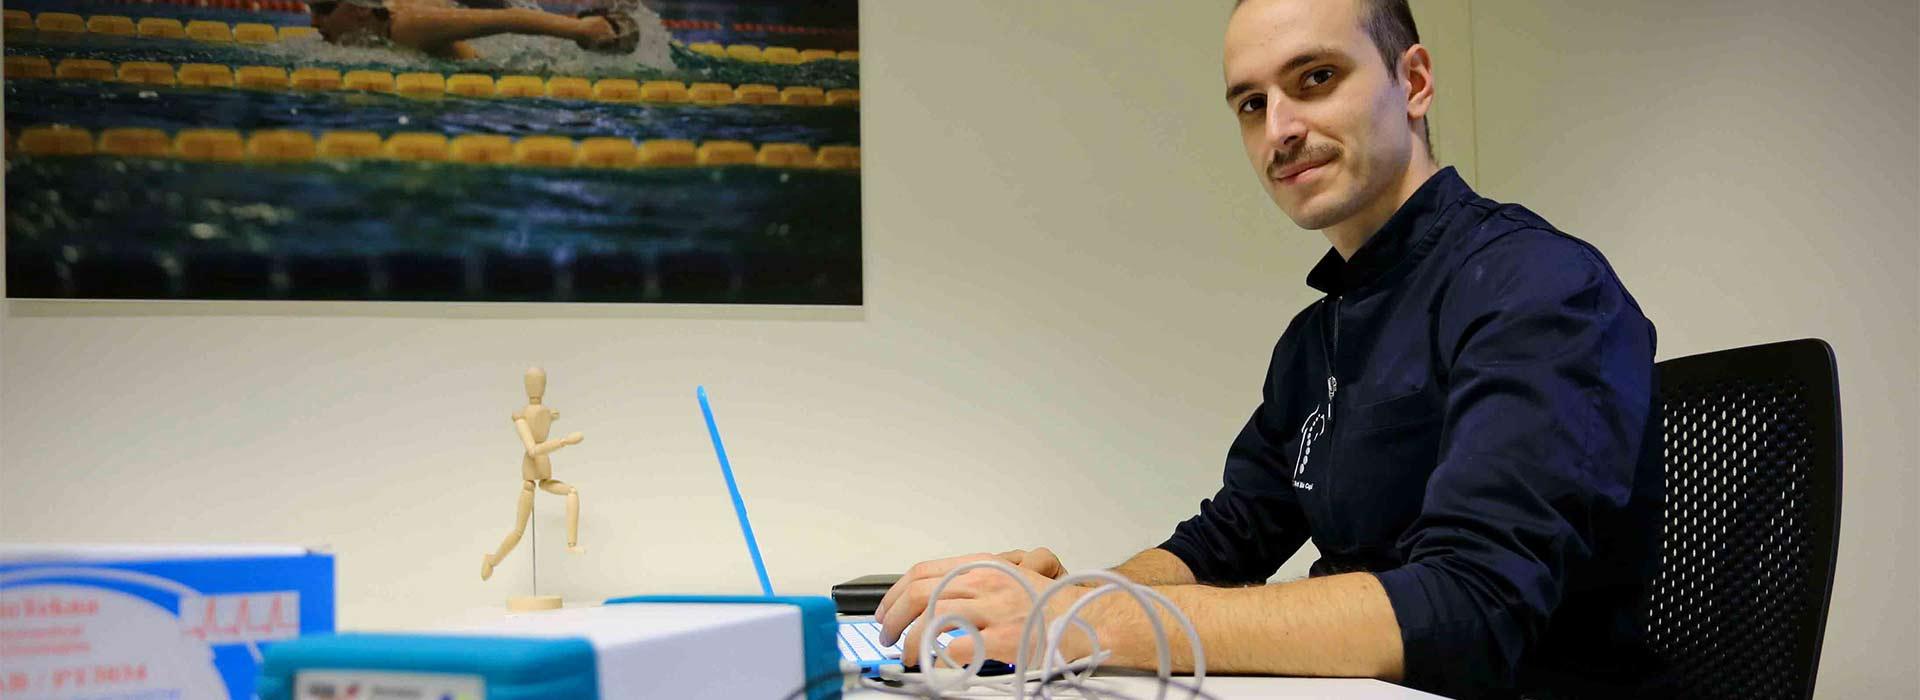 Riccardo Capello